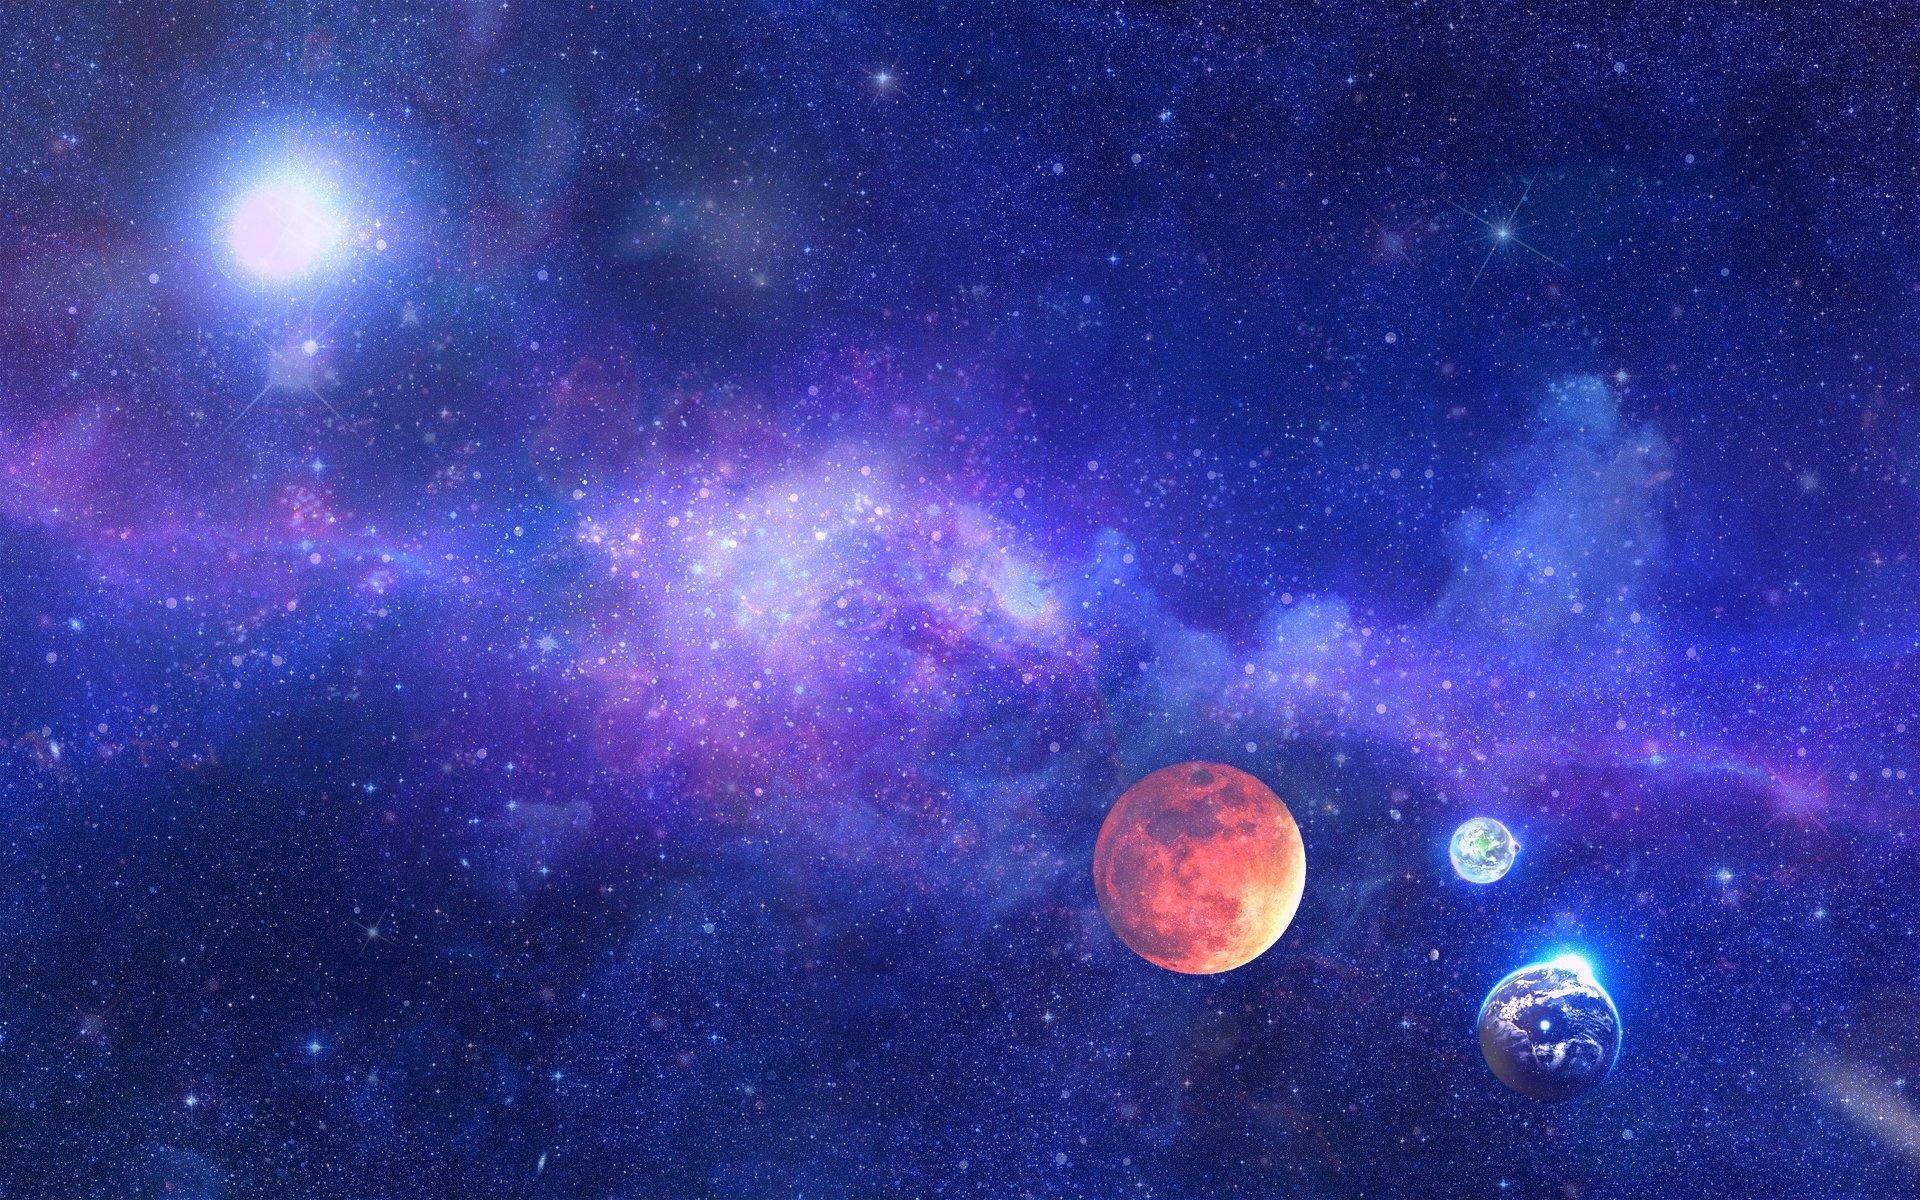 star space drawings - HD1332×850